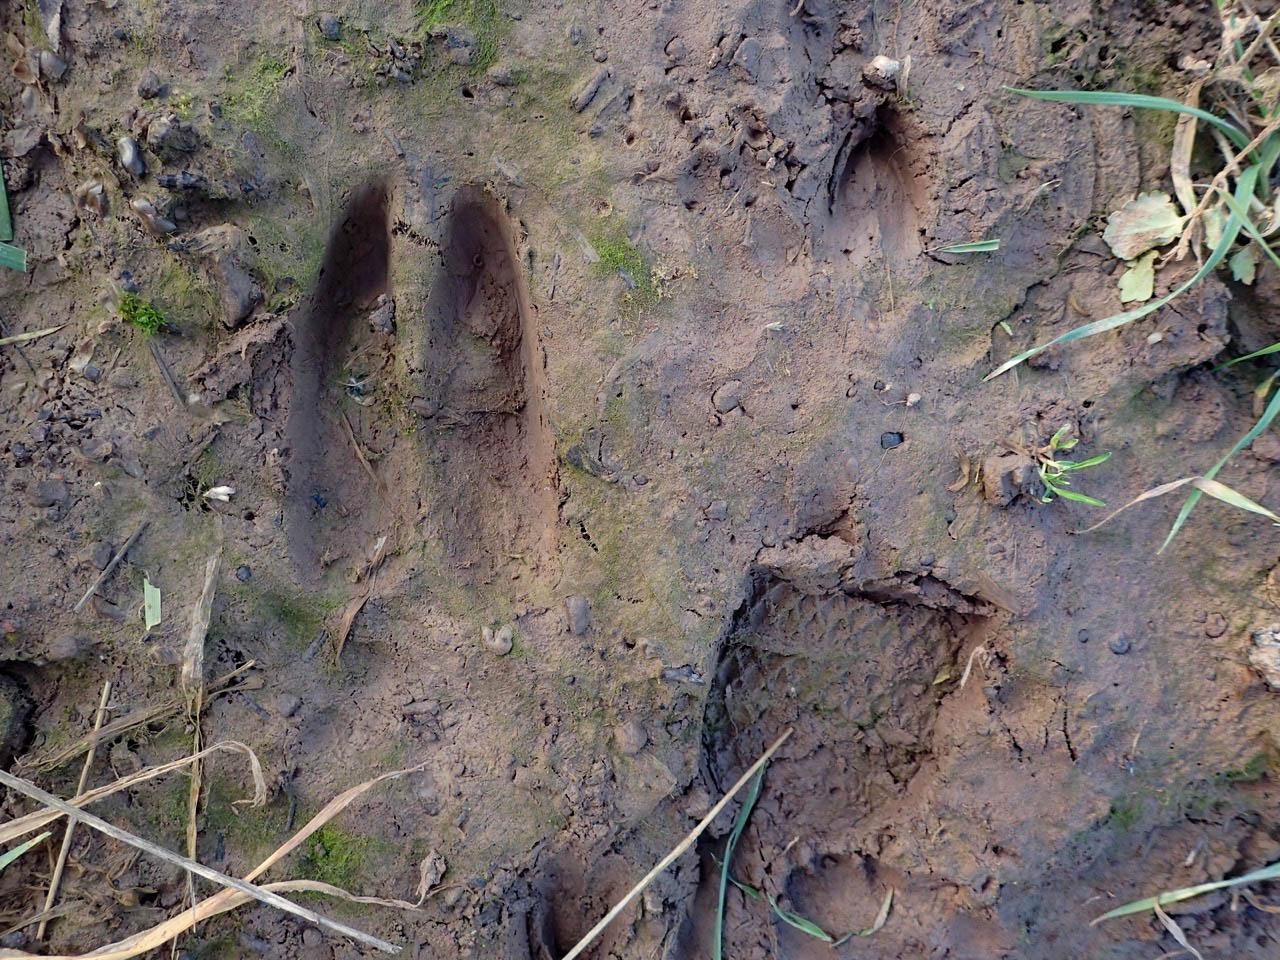 Deer prints in the mud - © Rosemary Winnall